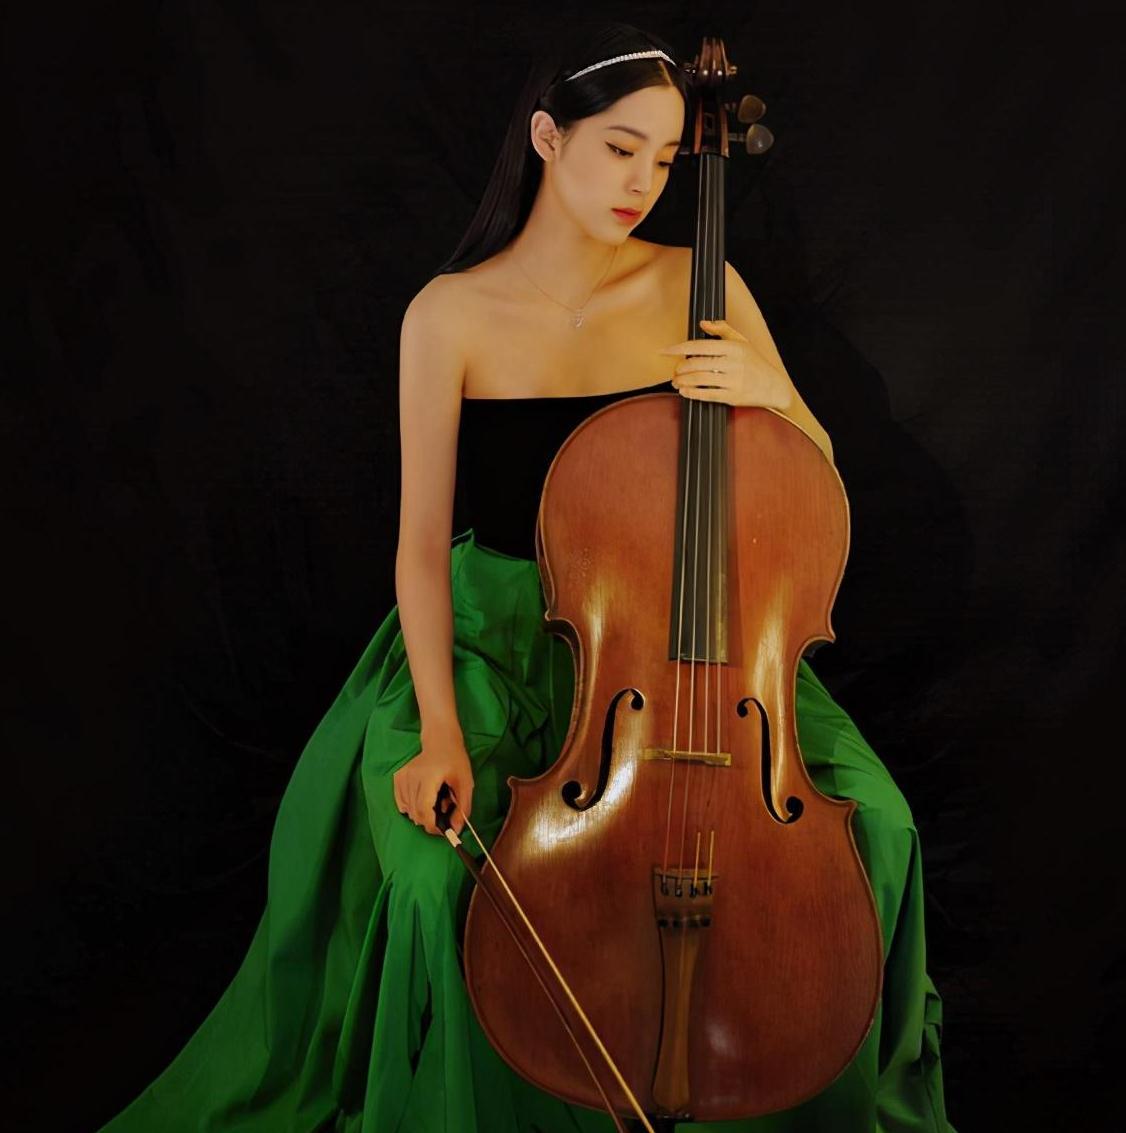 欧阳娜娜近日活动造型,穿拼色抹胸裙搭配珍珠发箍,自带文艺结界